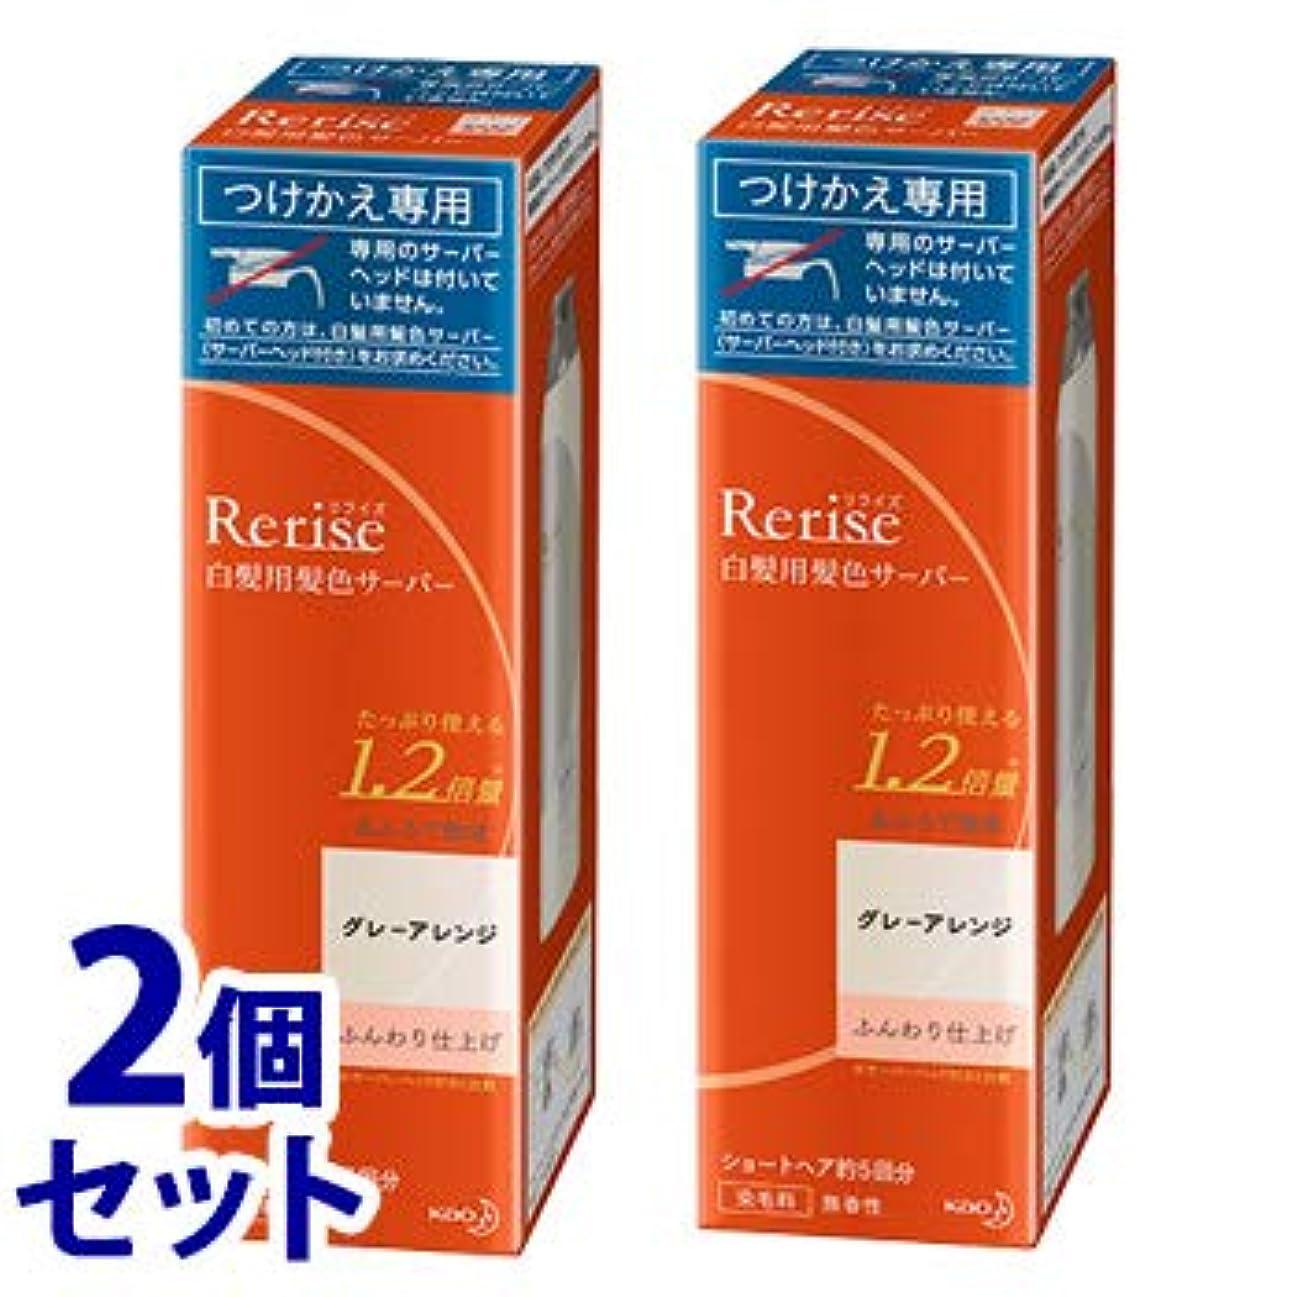 ヘッジタールシガレット《セット販売》 花王 リライズ 白髪用髪色サーバー グレーアレンジ ふんわり仕上げ つけかえ用 (190g)×2個セット 付け替え用 染毛料